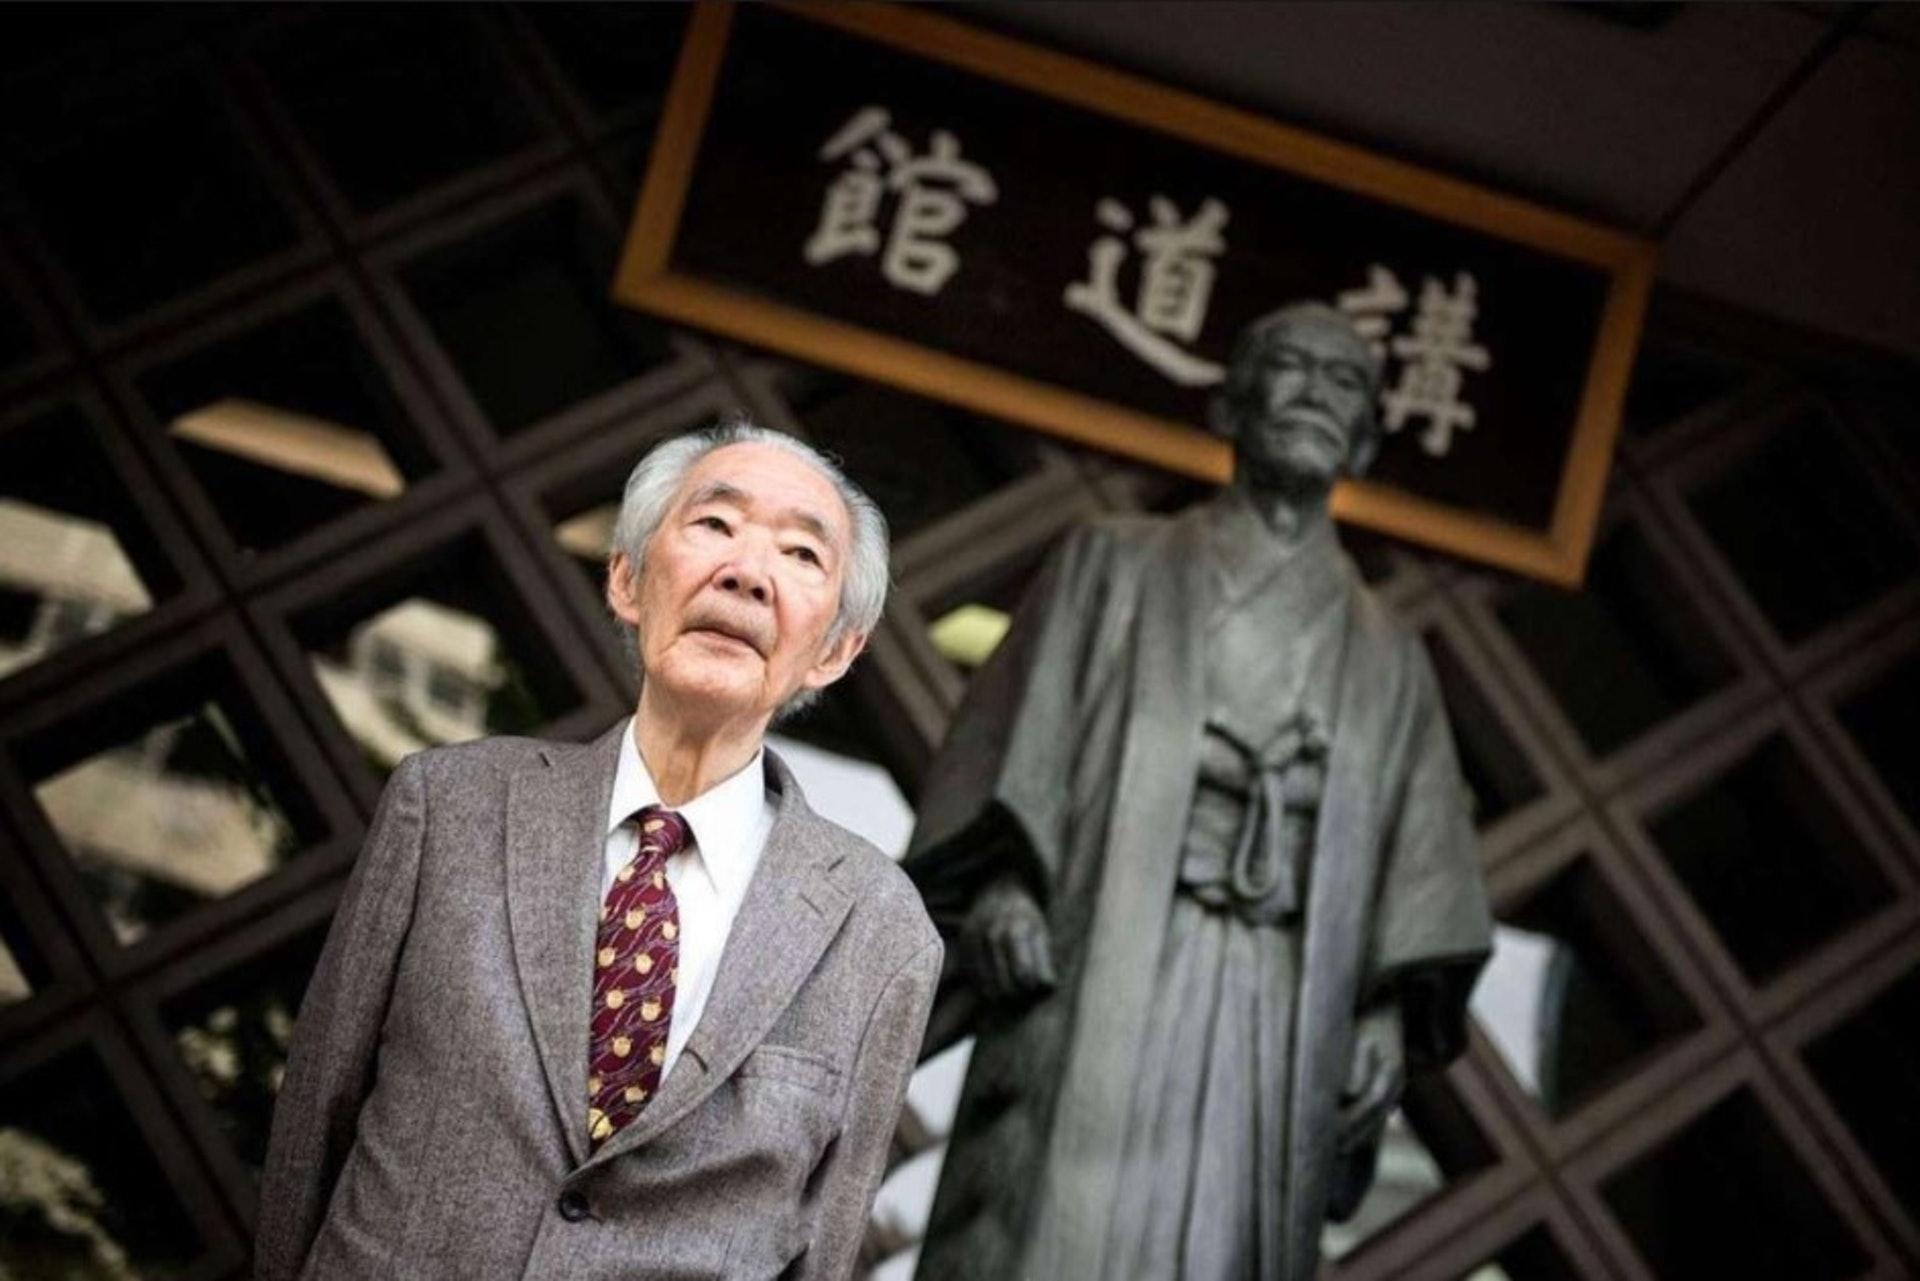 嘉納行光1932年於東京出生,父親為講道館第三代館長嘉納履正(1900—1986)。(圖片擷取自︰ijf 網頁)